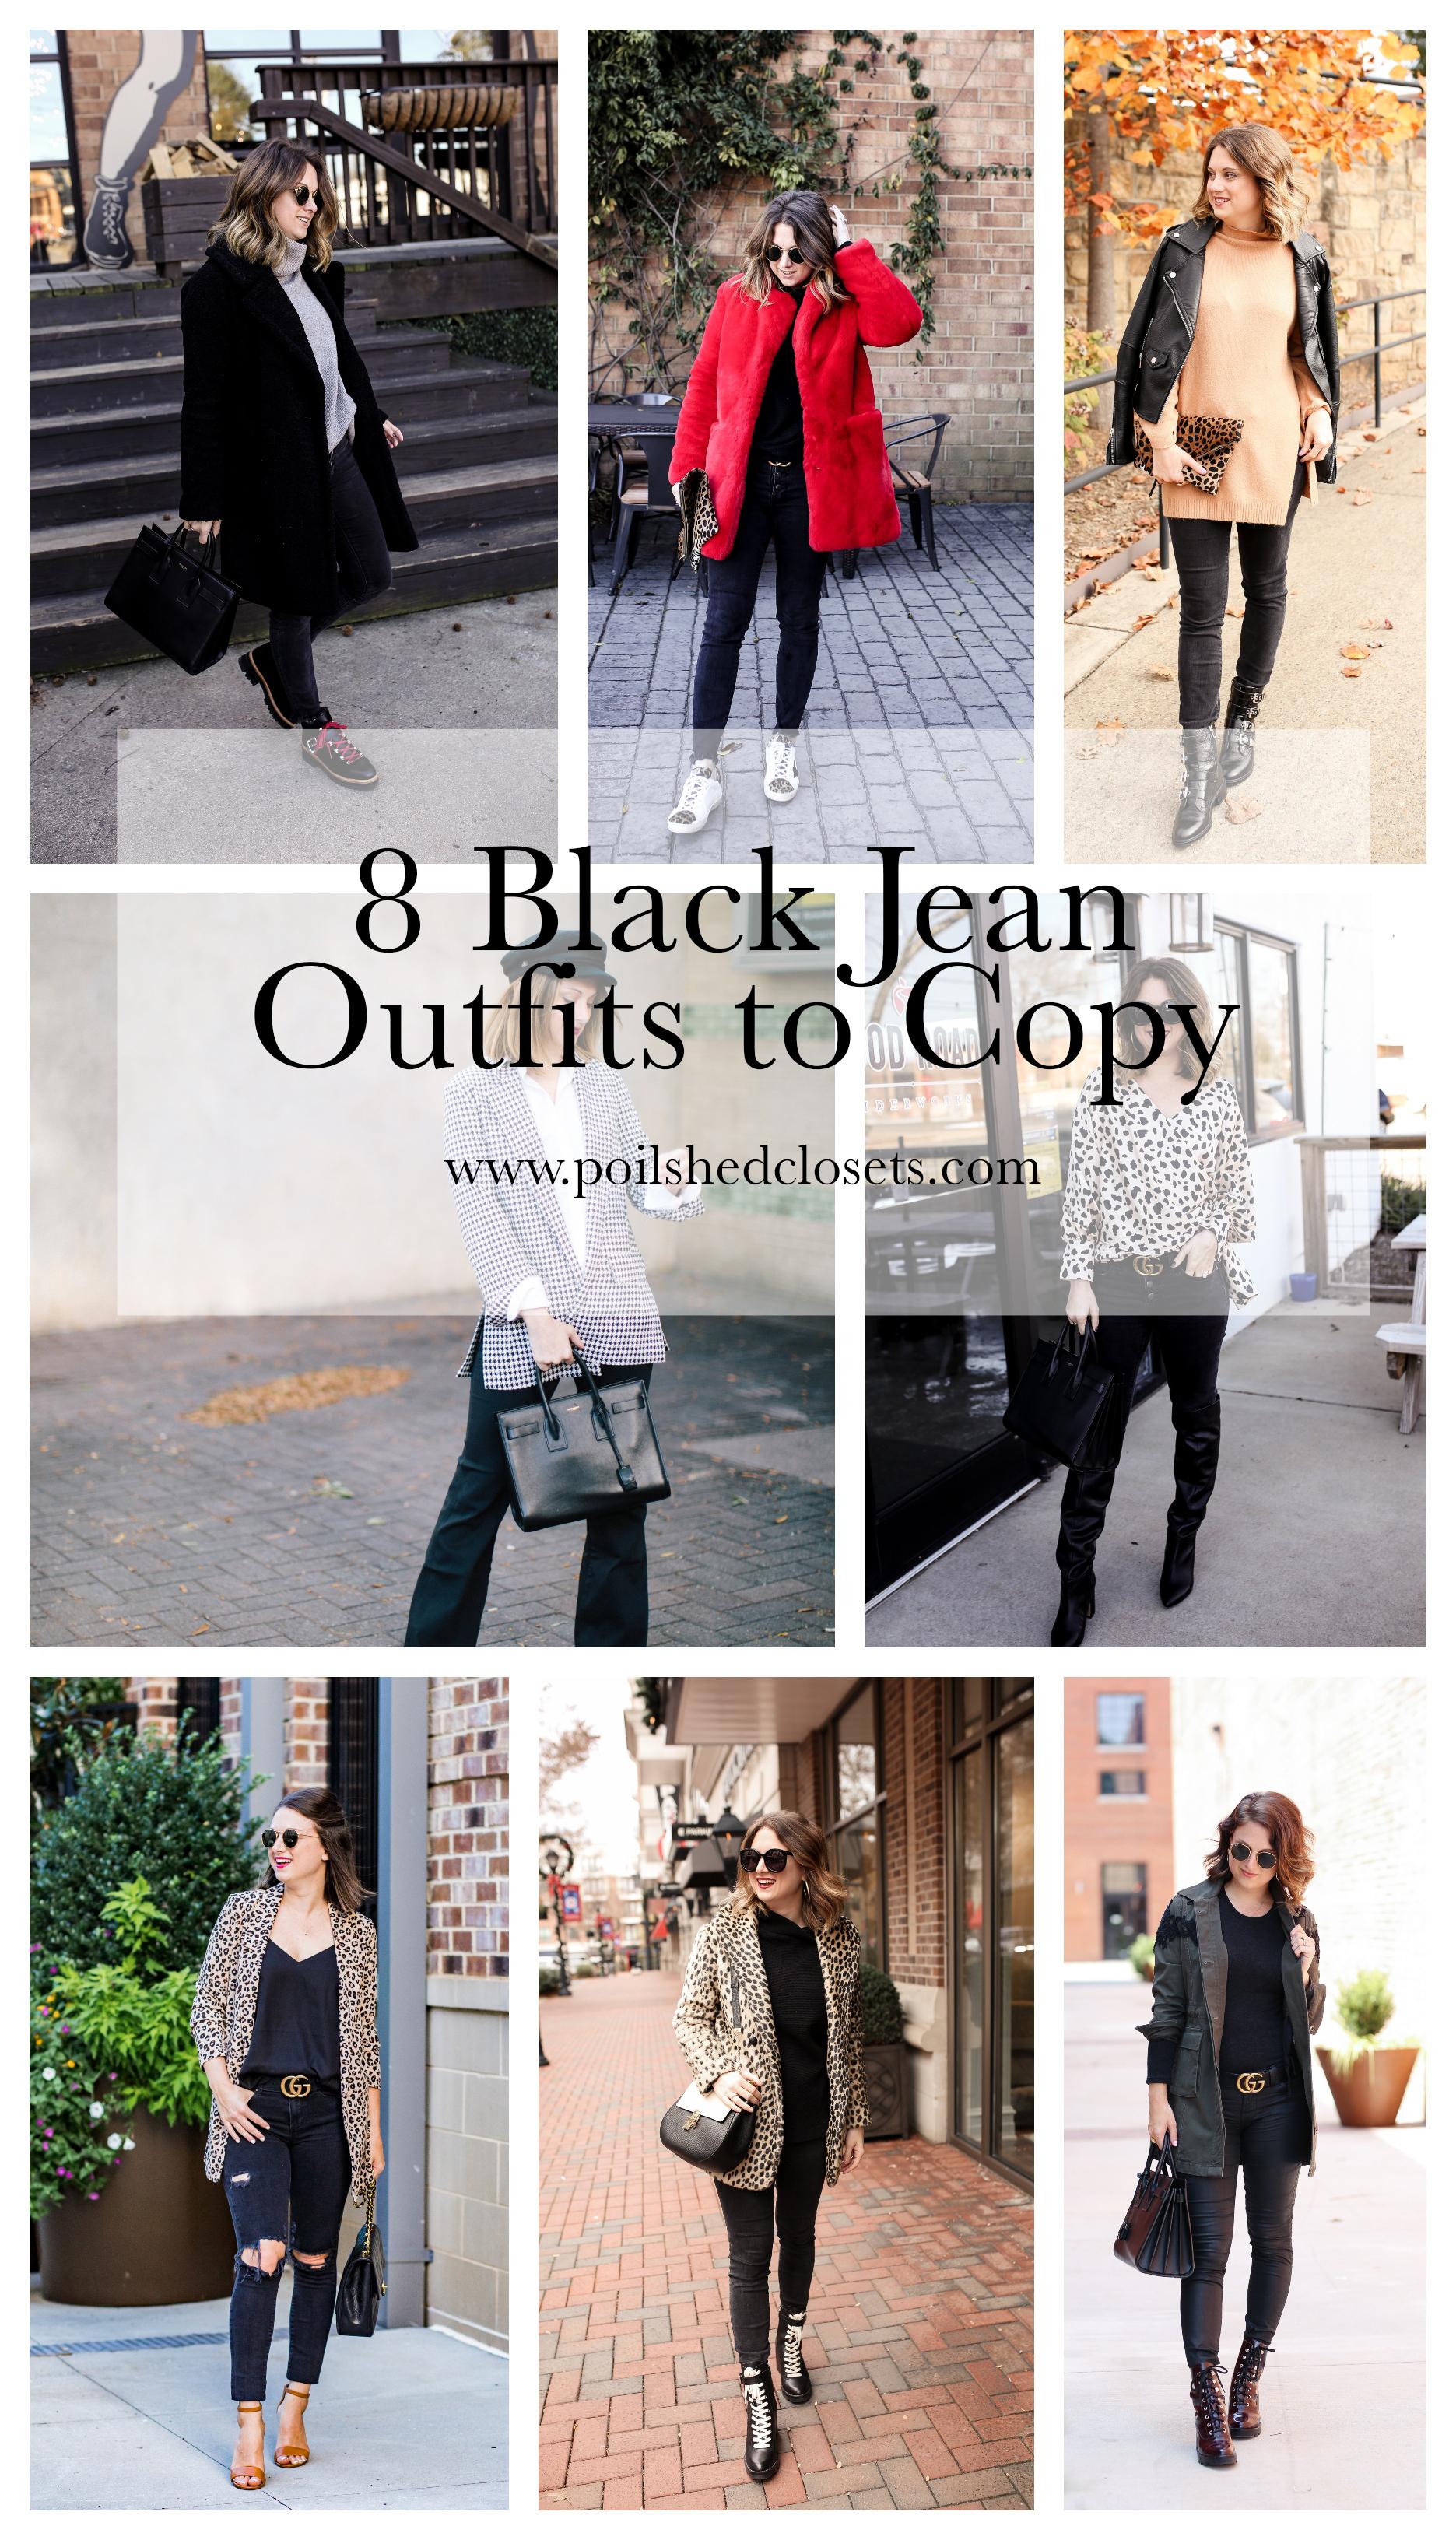 6f185f2e232 Black Jeans Outfits  8 Ideas to Copy - Polished Closets